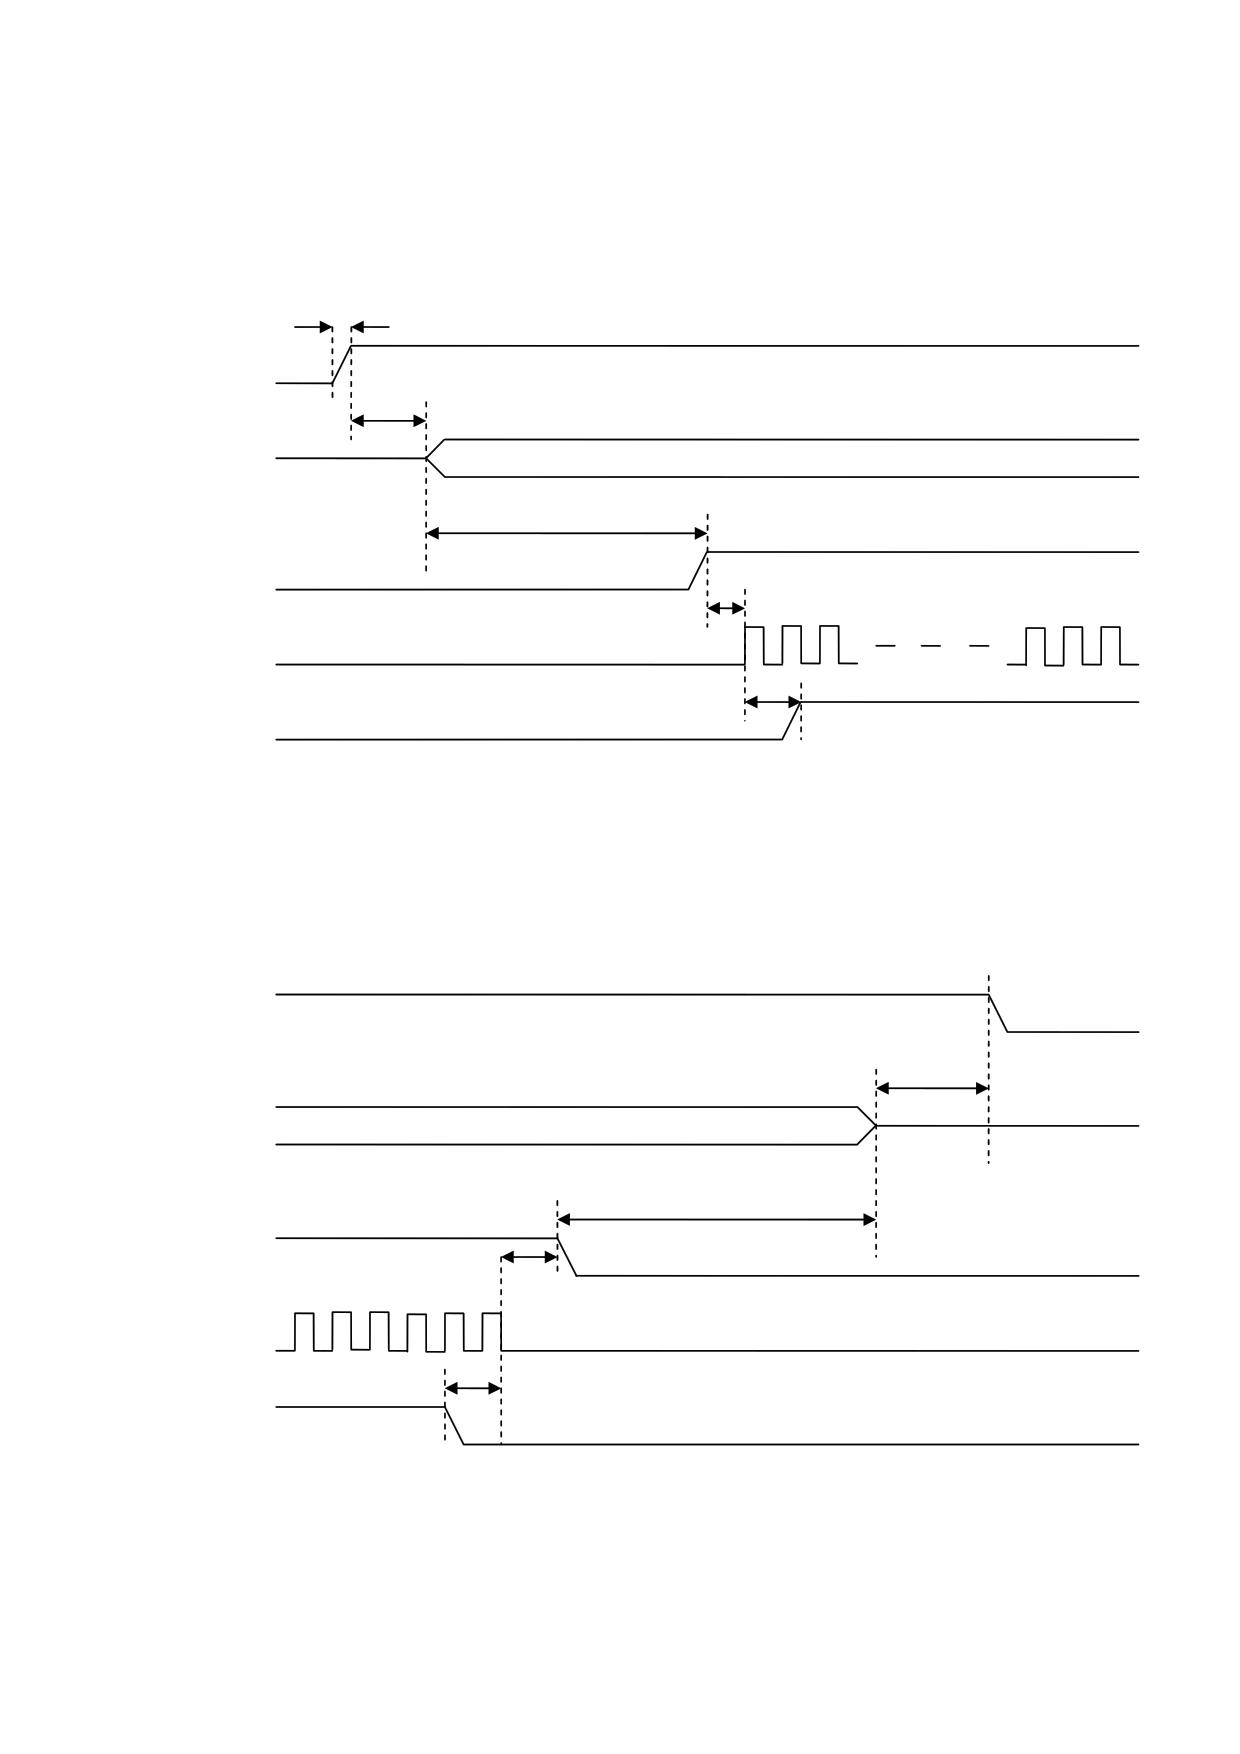 Q101IRE-LA1 arduino